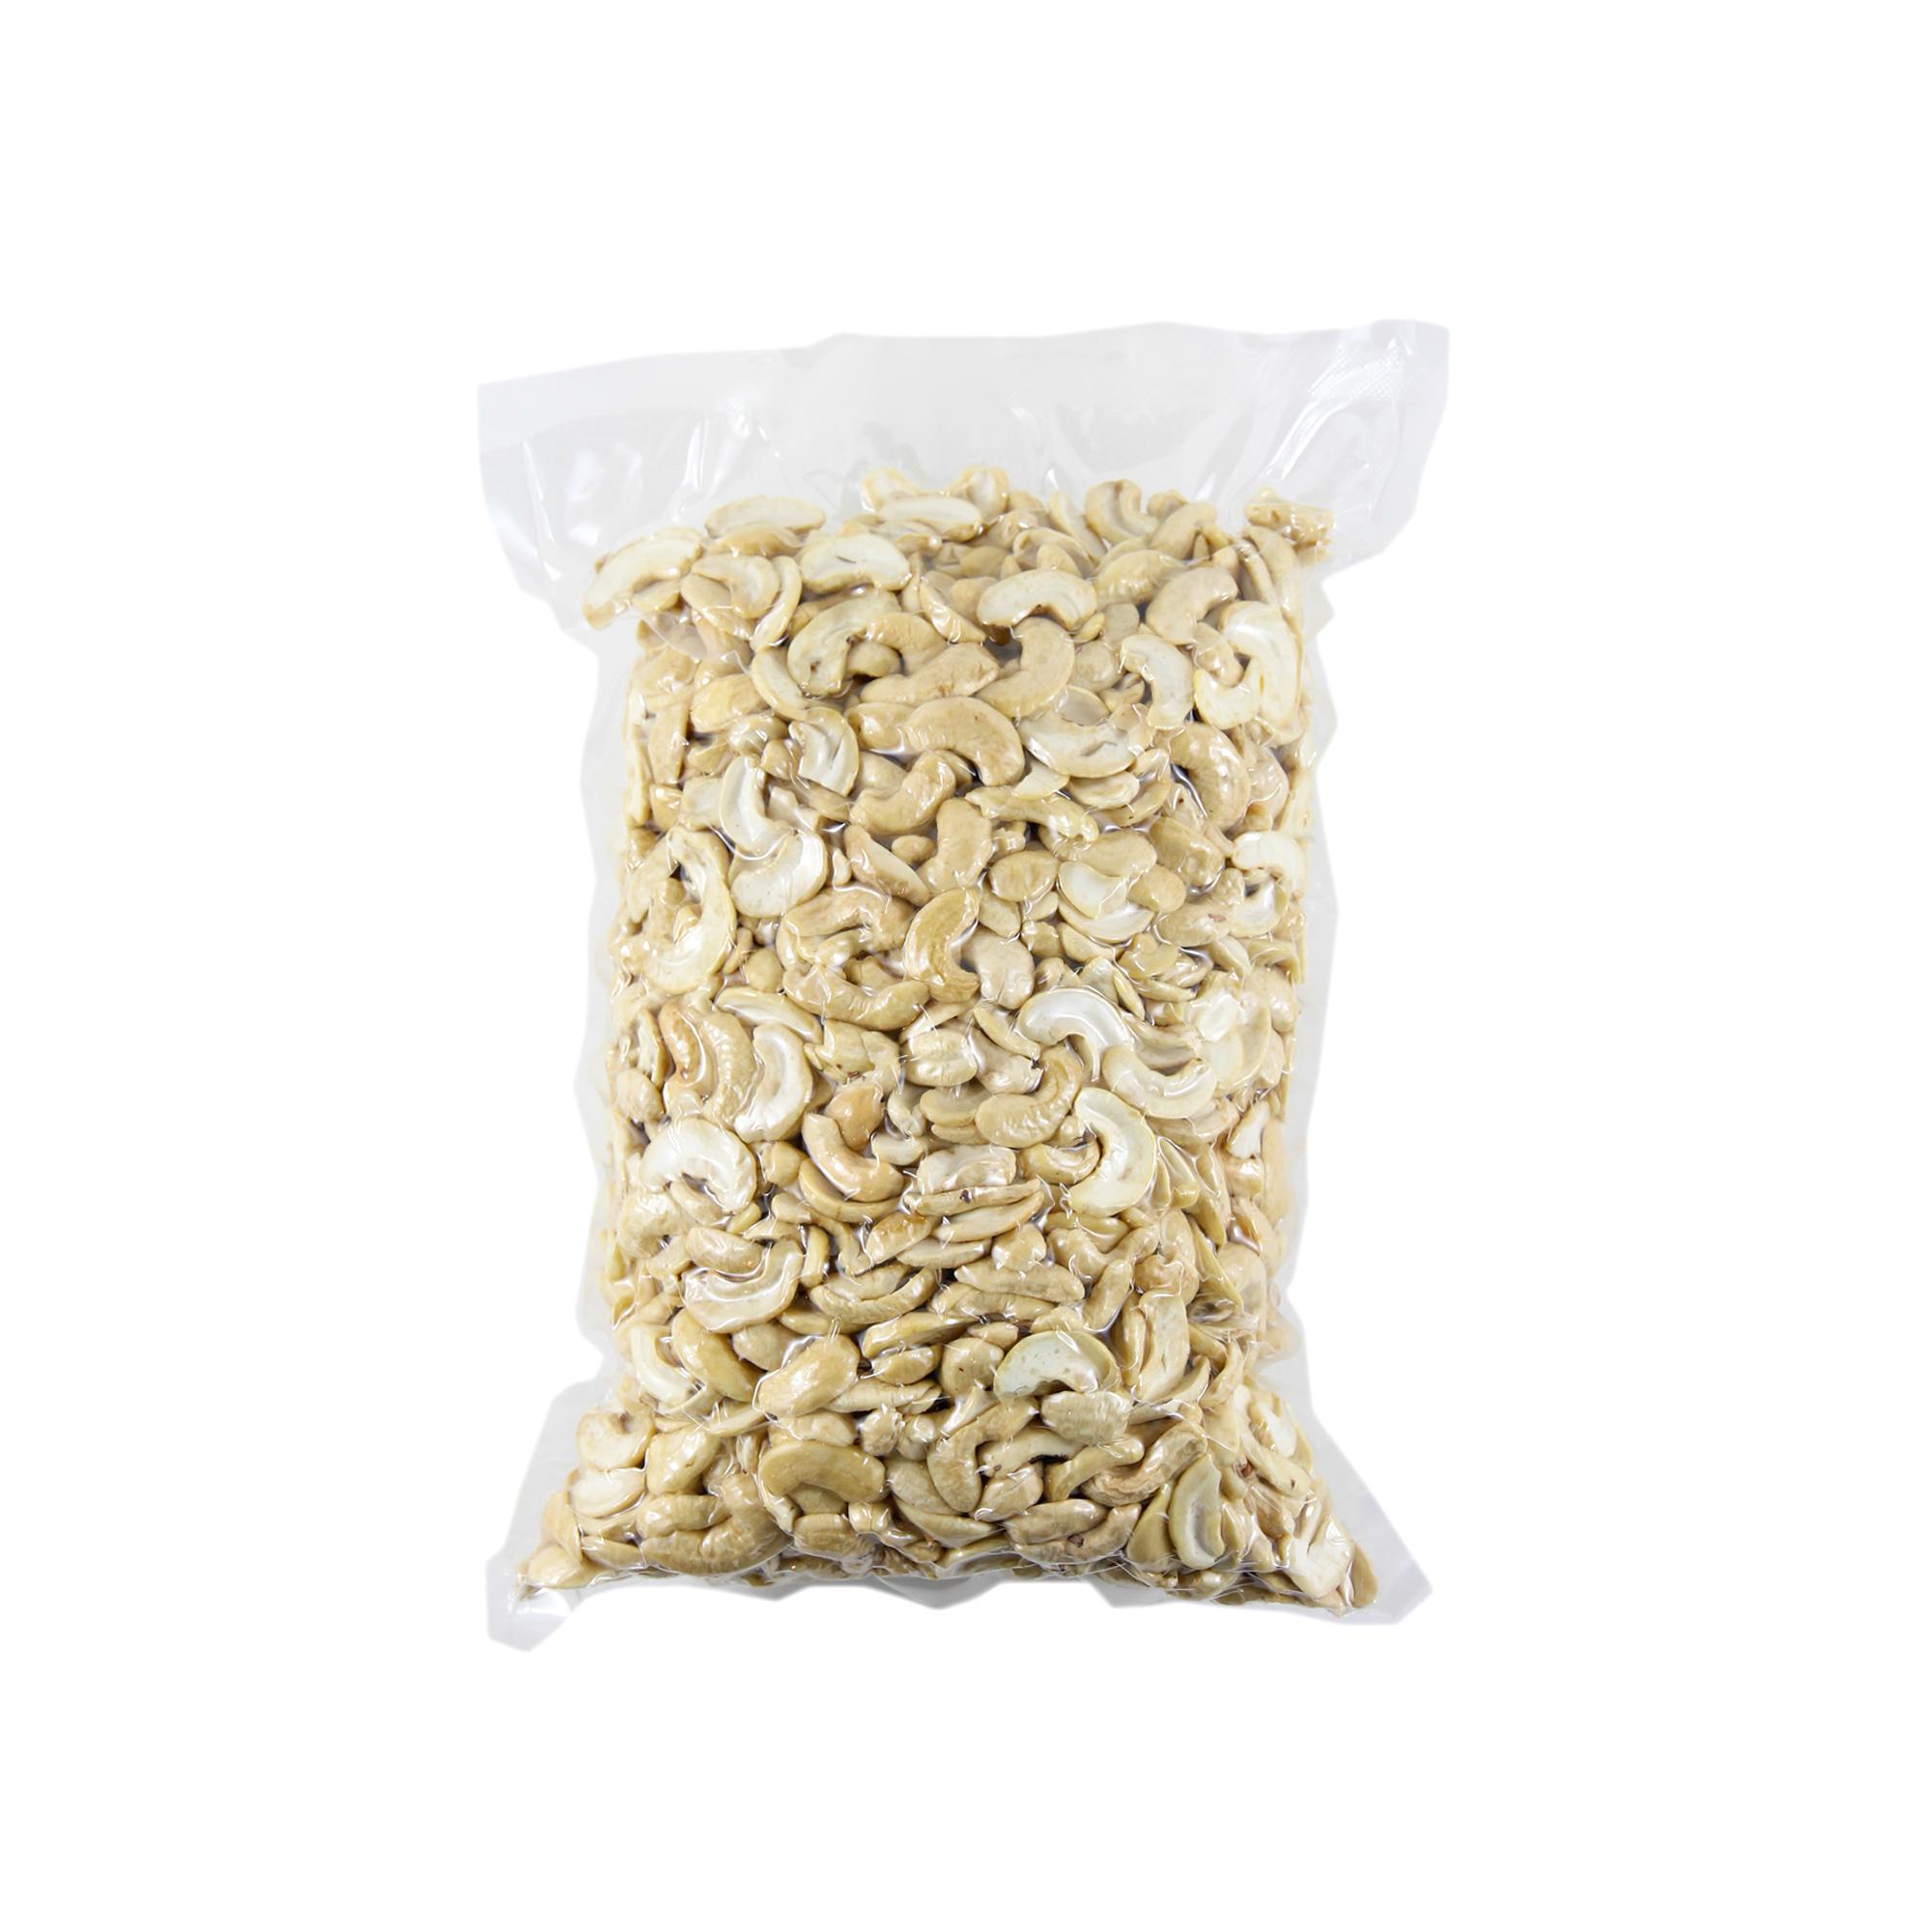 เม็ดมะม่วงหิมพานต์แบบซีก (Halves Cashew Nut ) 1 kg